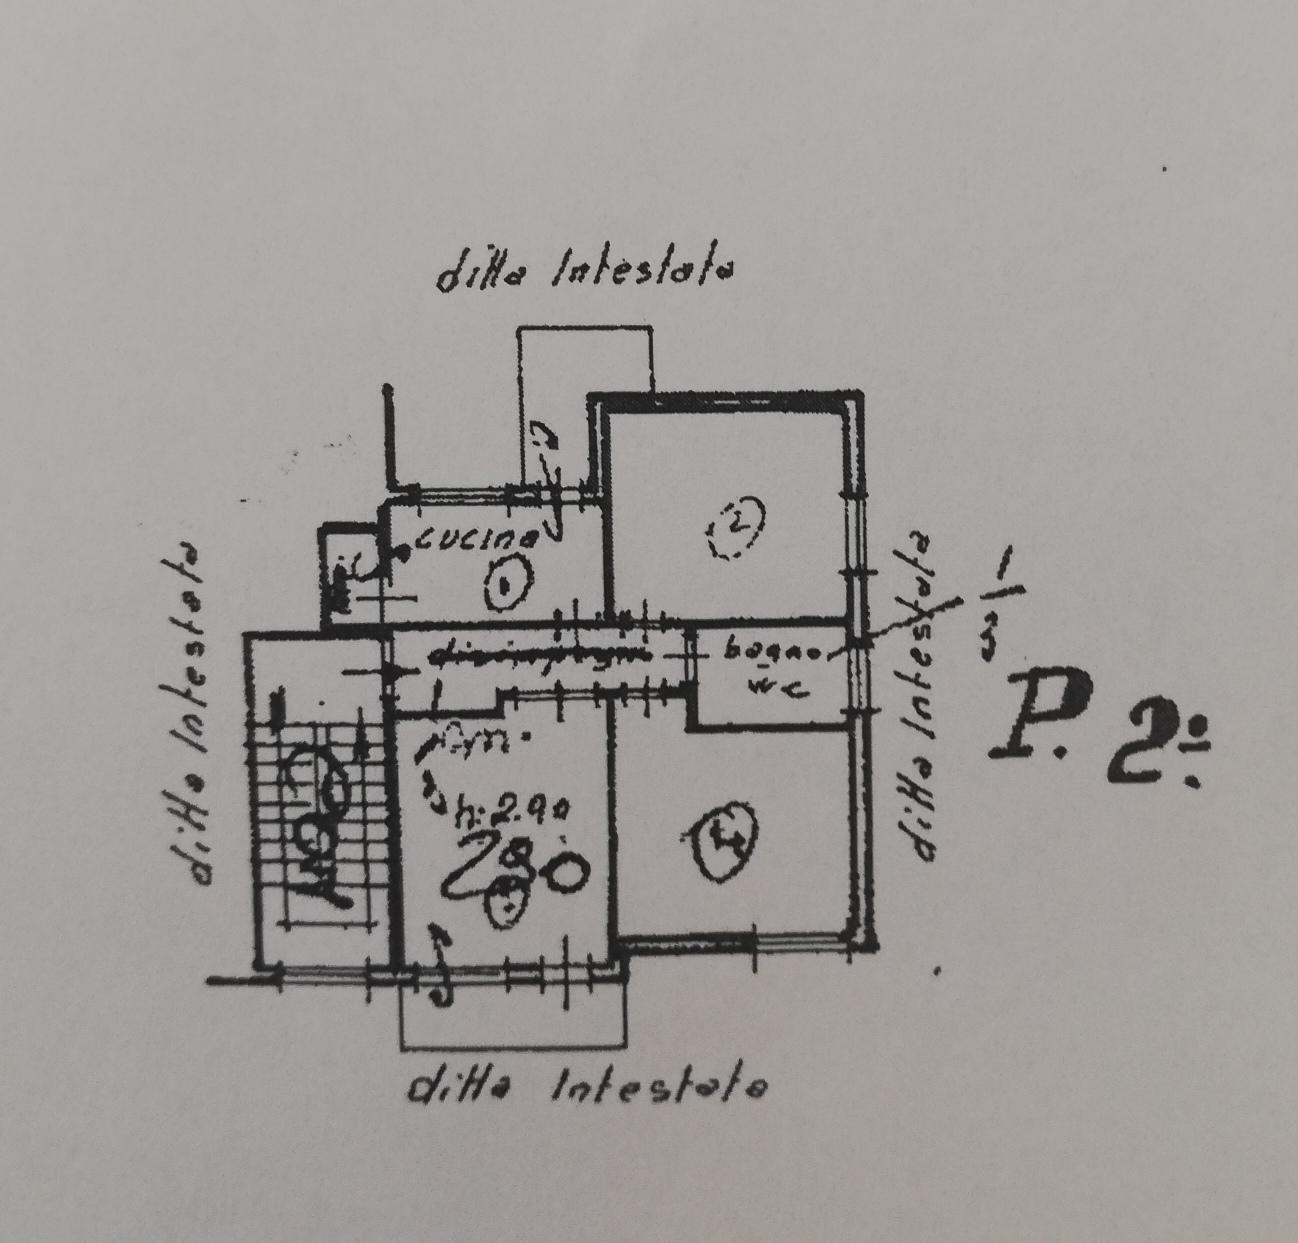 Appartamento in vendita a Tirrenia, Pisa (PI)